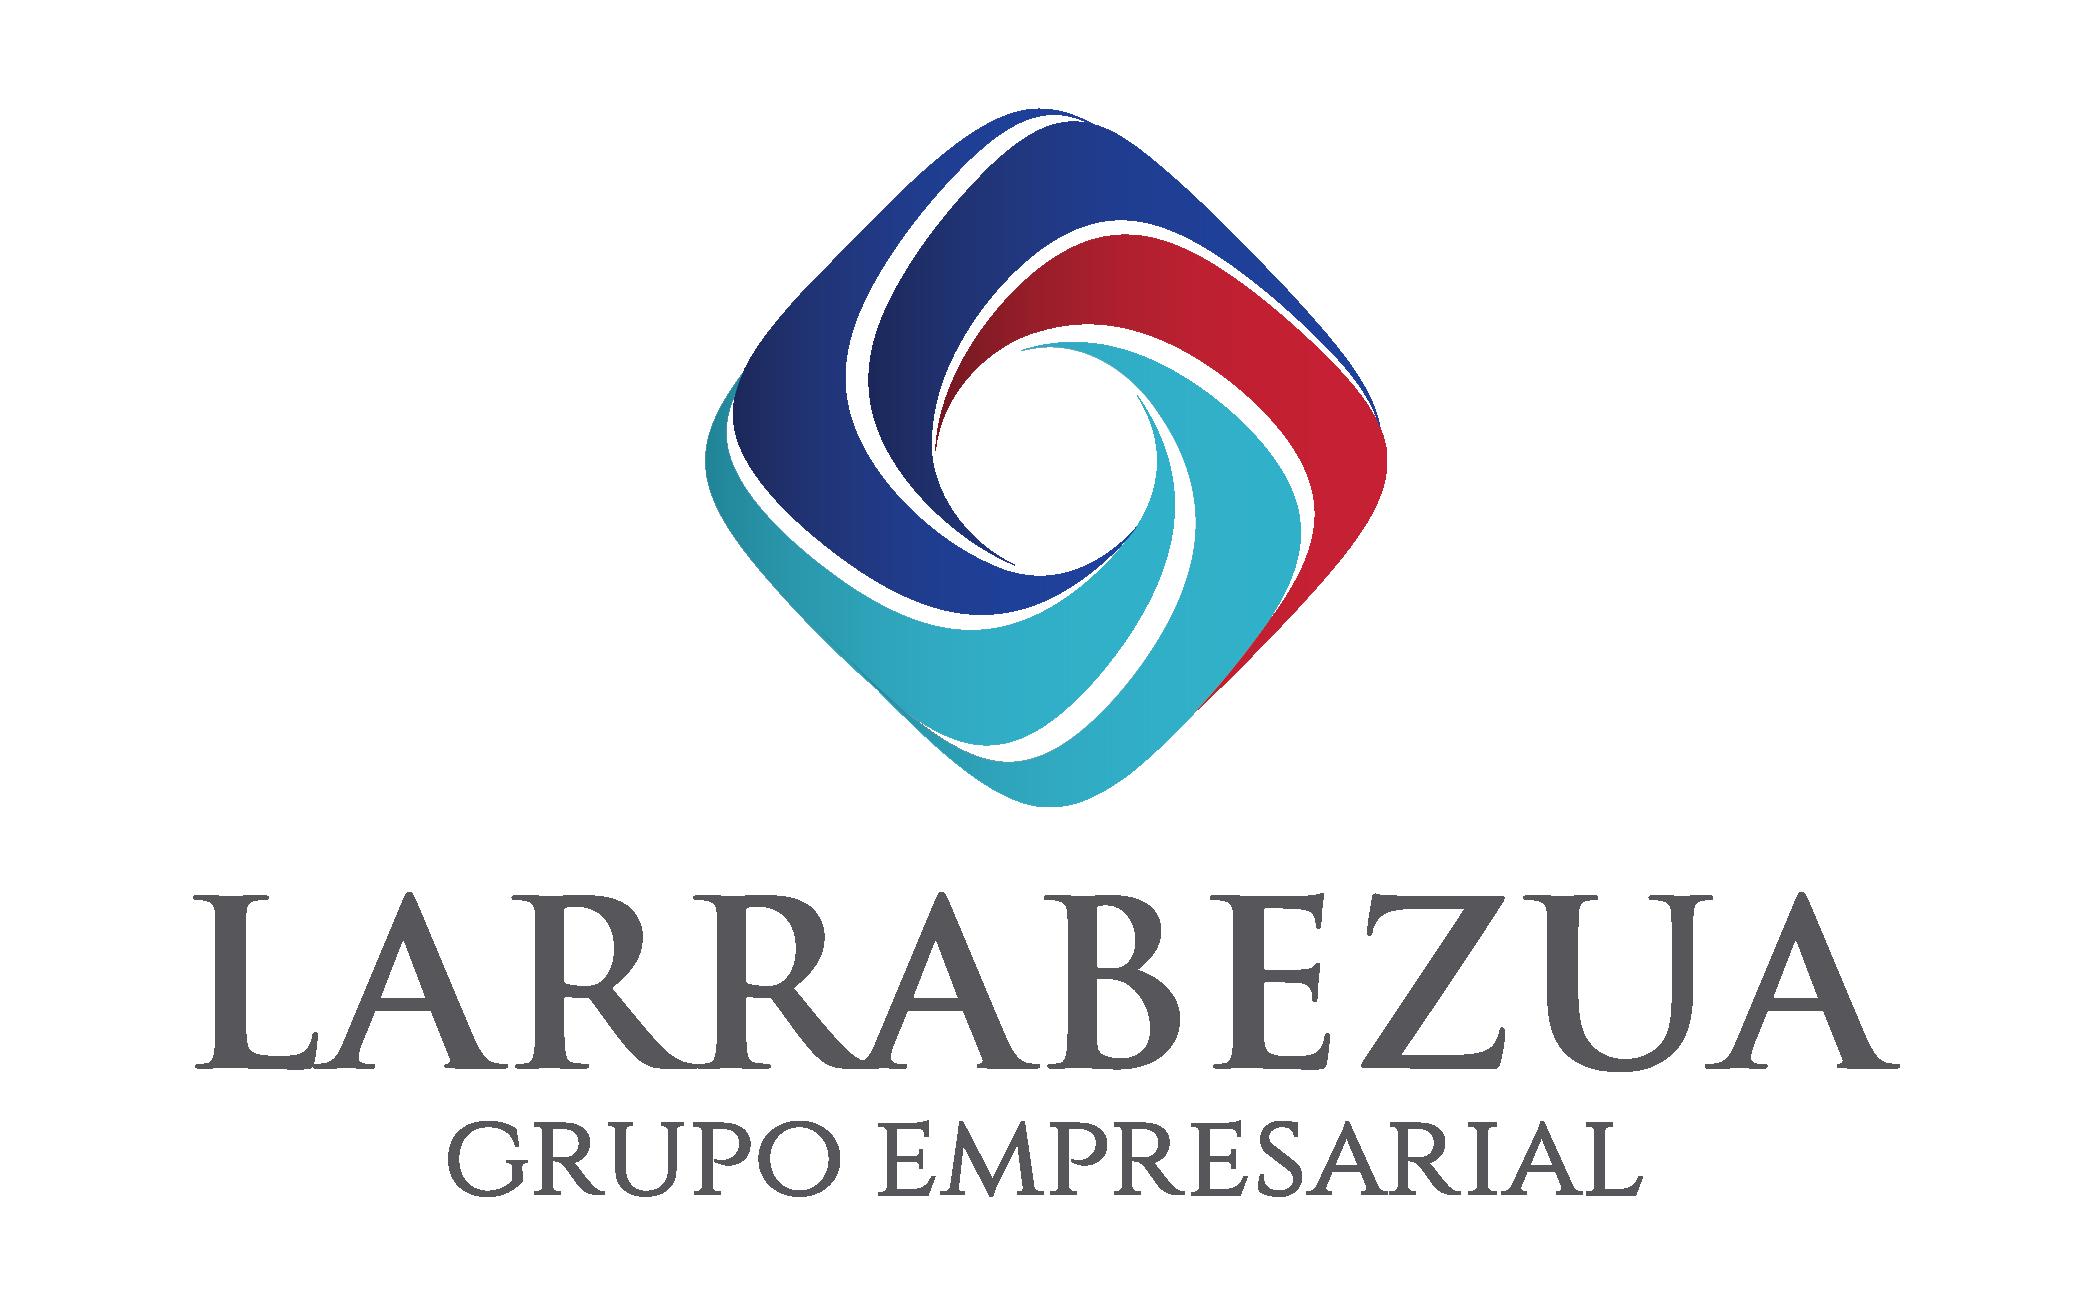 Larrabezua Grupo Empresarial